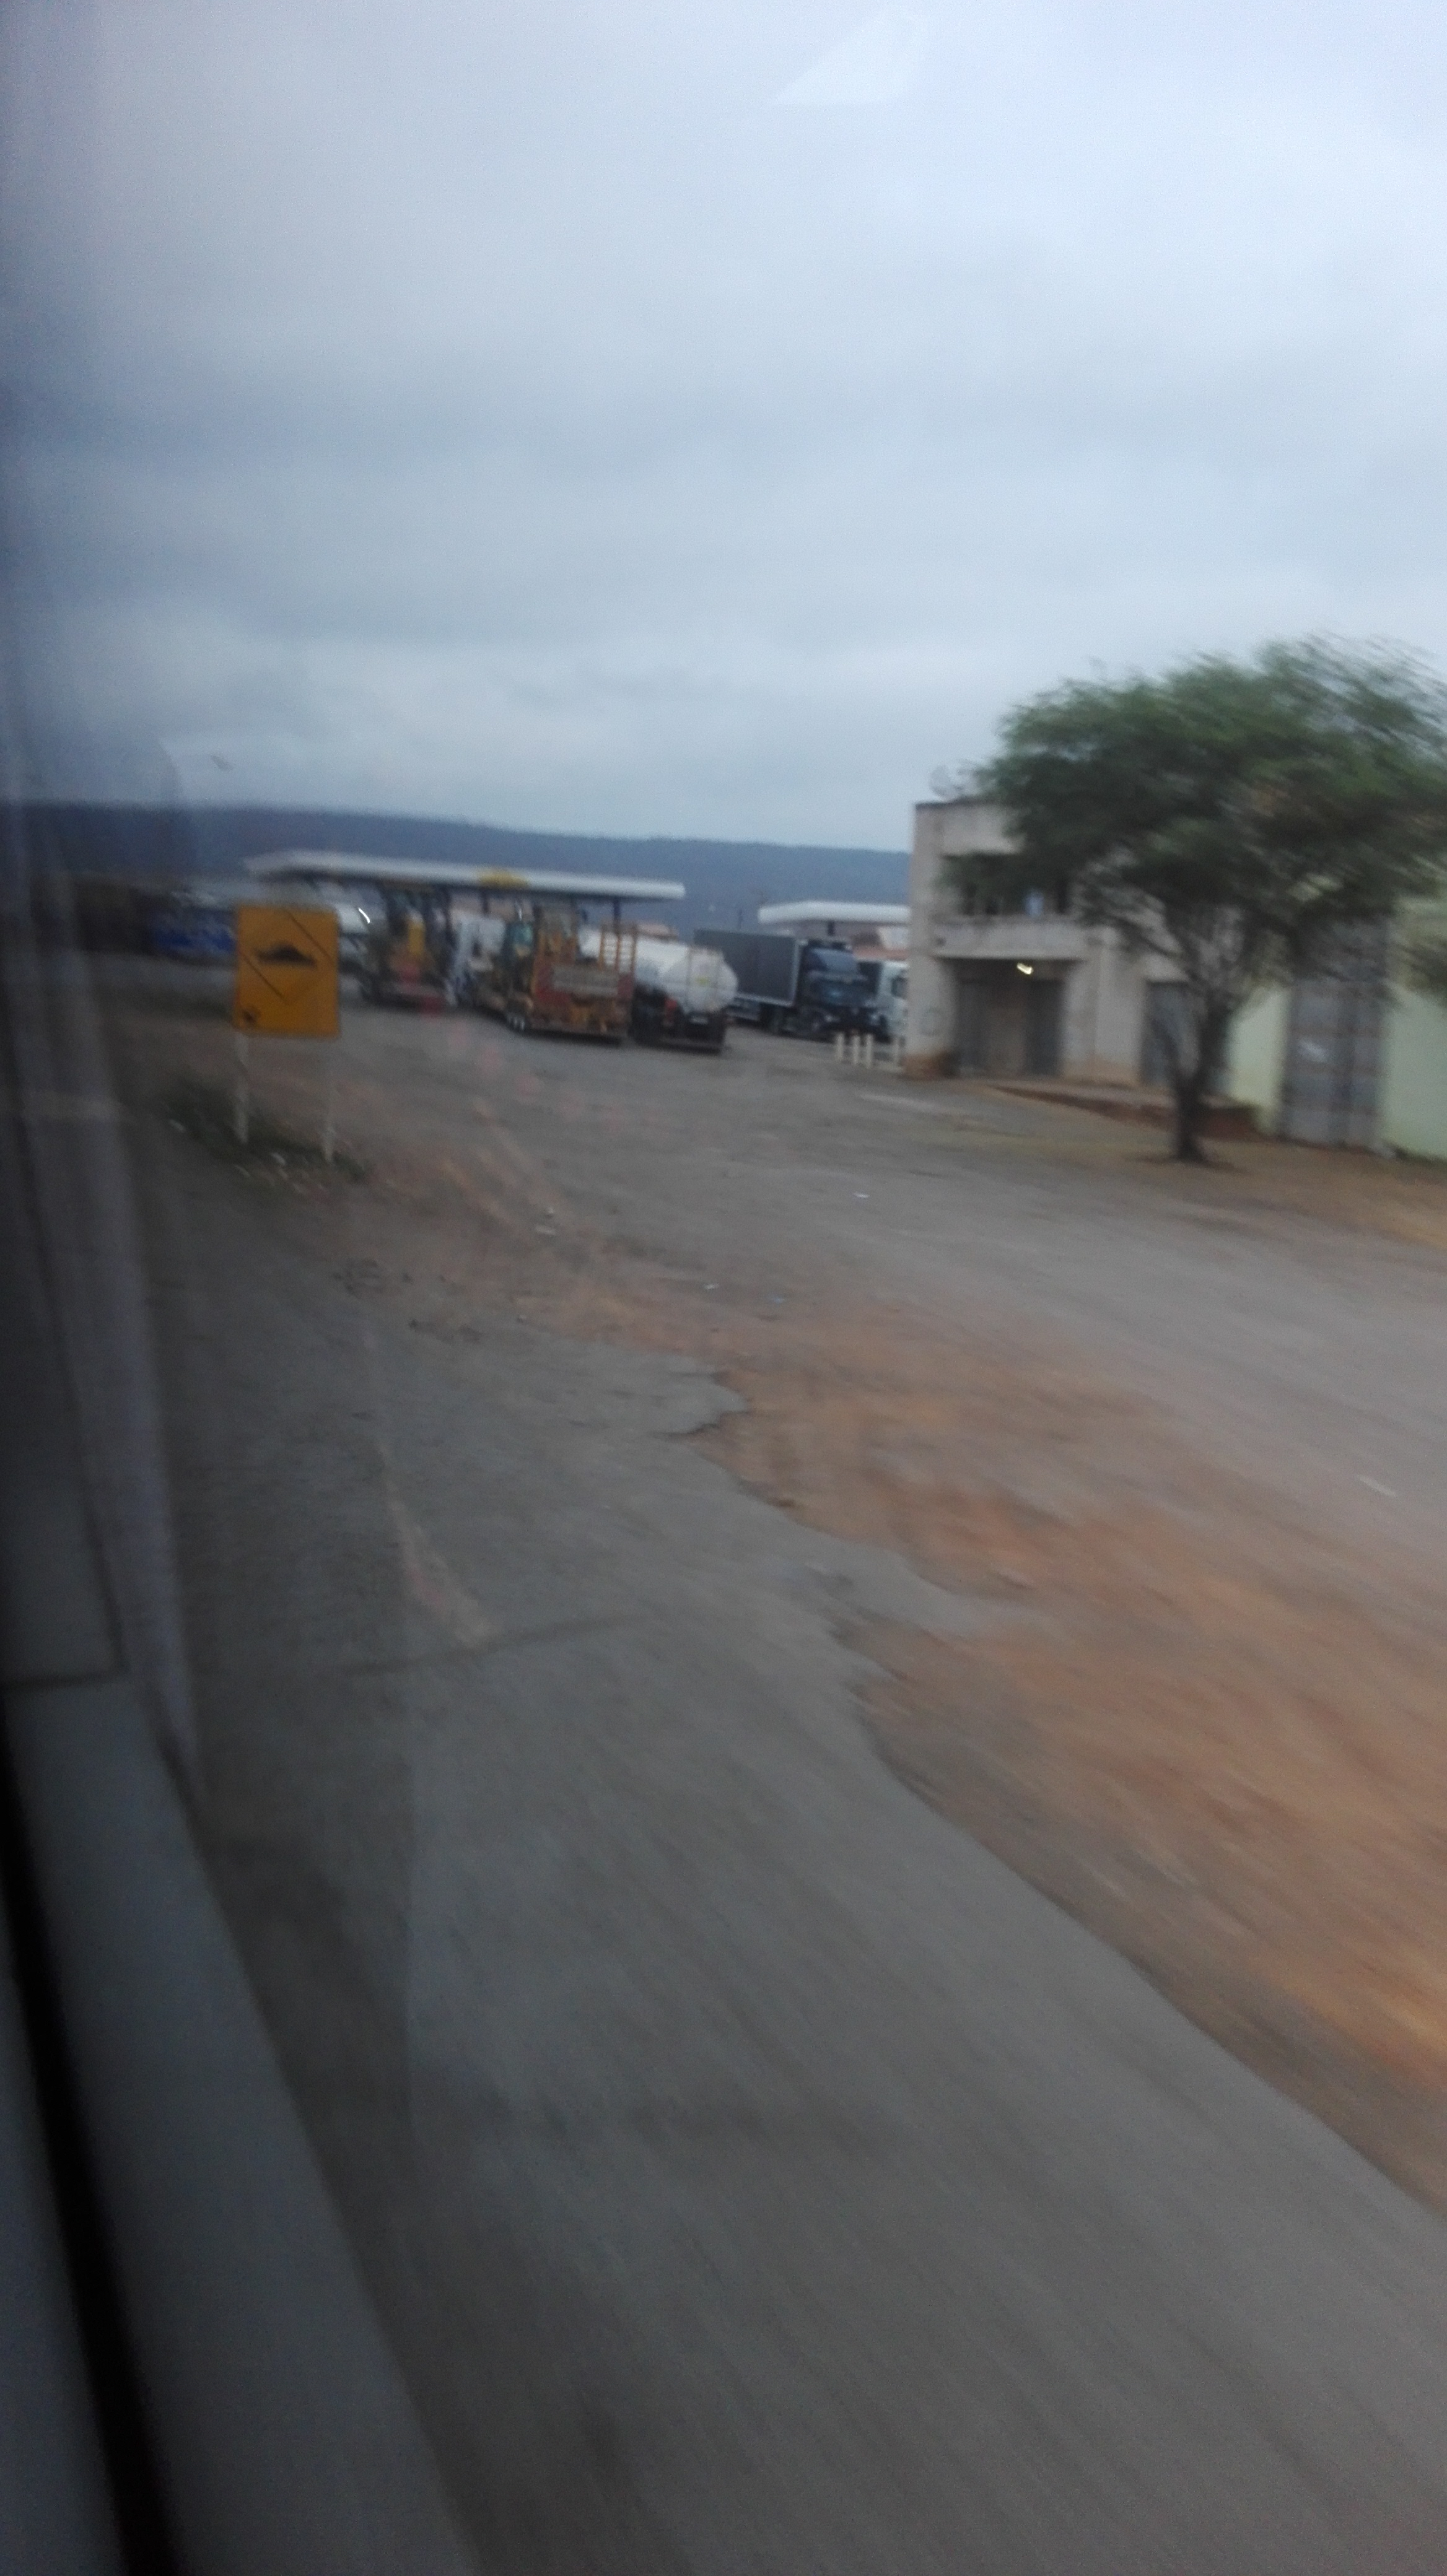 de-eerste-indrukken-op-deze-weg-richting-Ibitiara-10